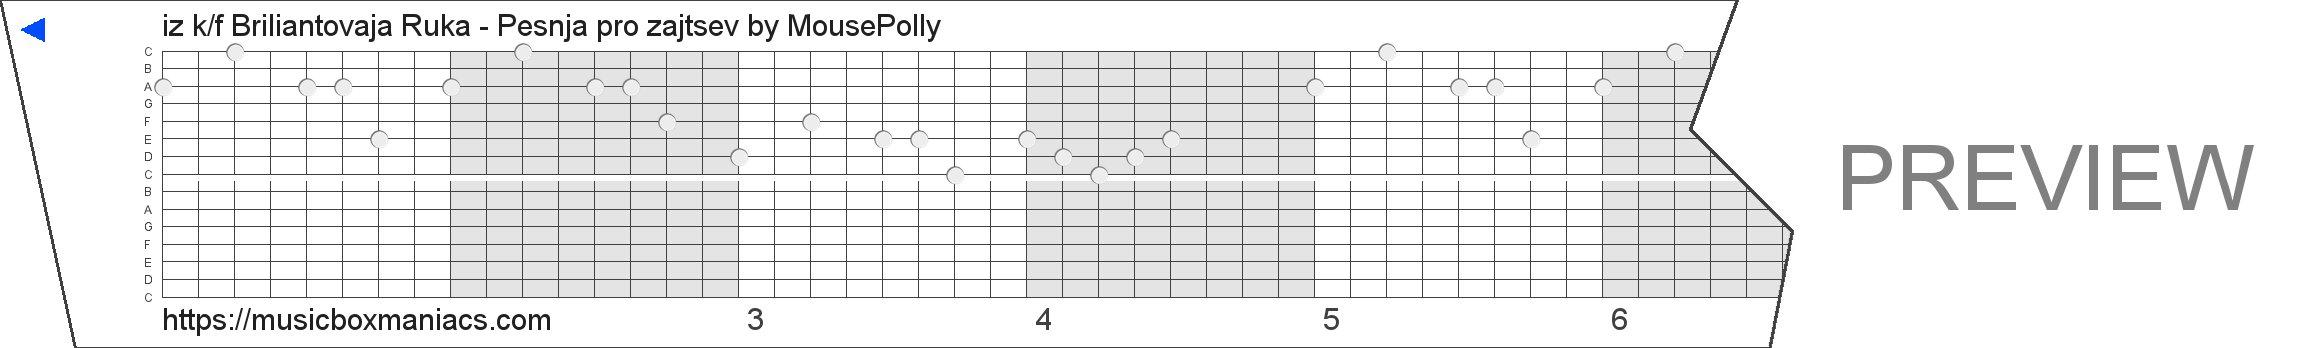 iz k/f Briliantovaja Ruka - Pesnja pro zajtsev 15 note music box paper strip